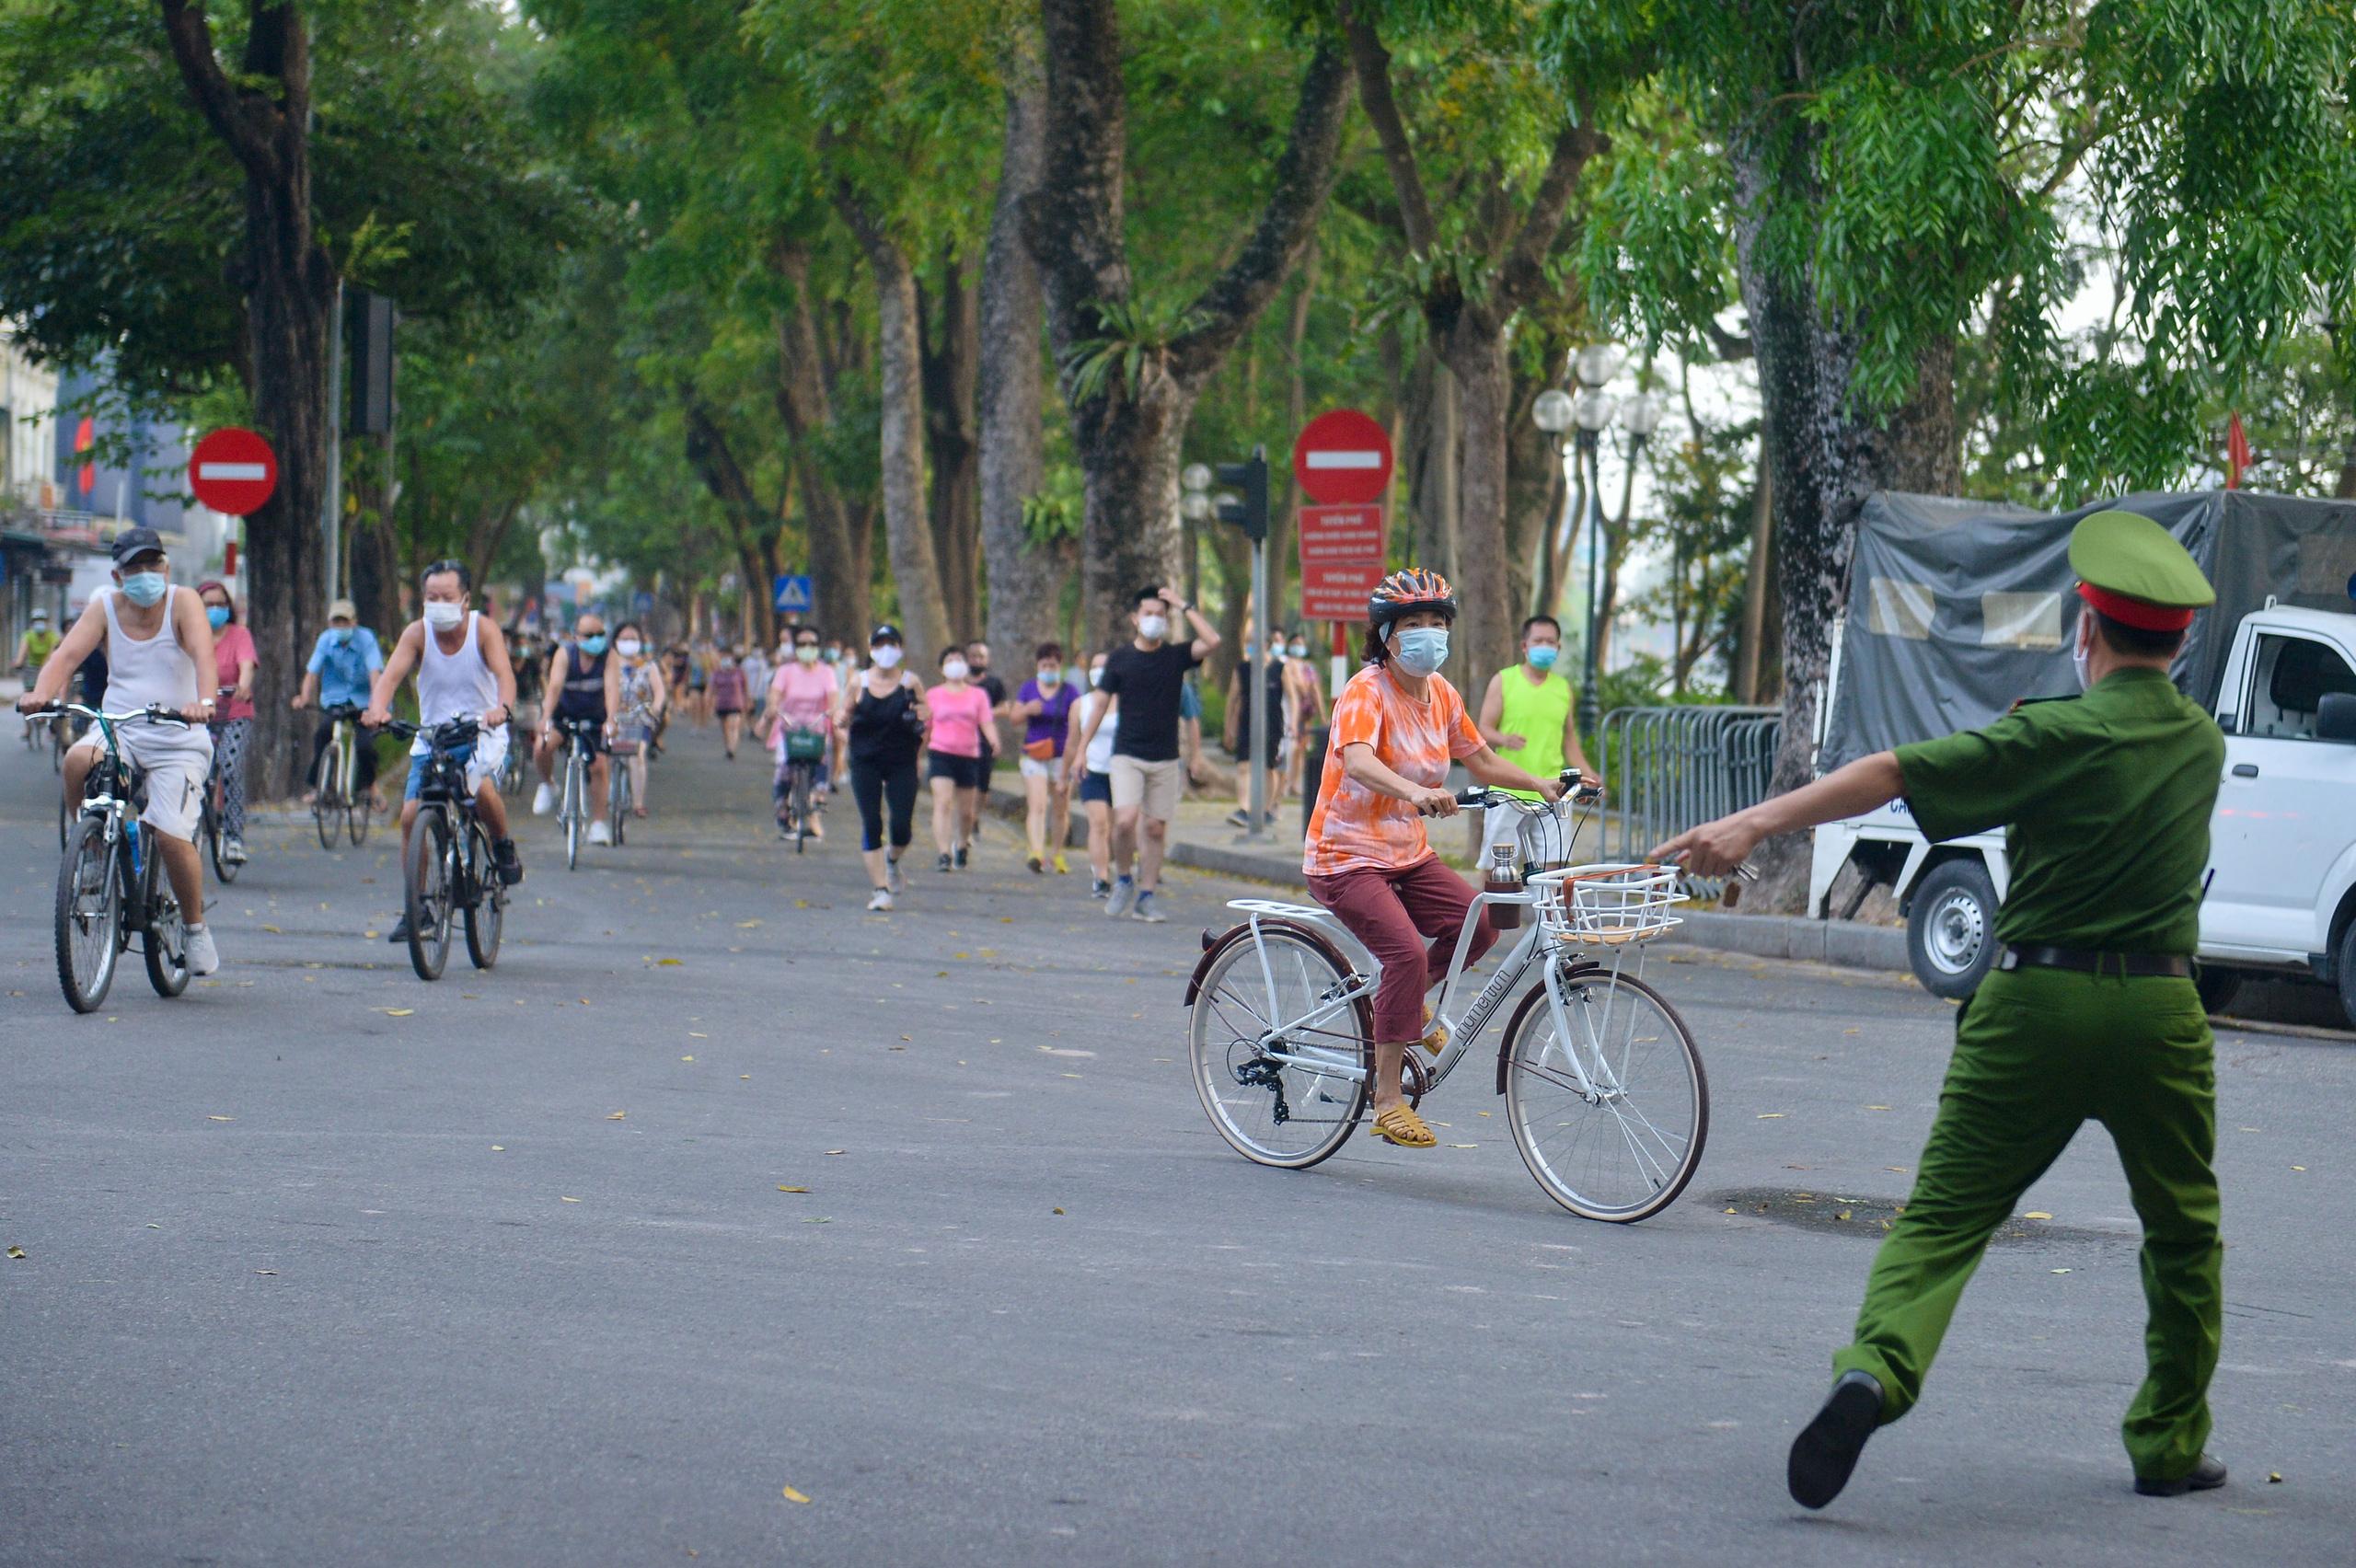 Hàng trăm người dân tập thể dục, đạp xe quanh hồ Gươm bất chấp dịch quy định phòng dịch Covid-19 - Ảnh 9.